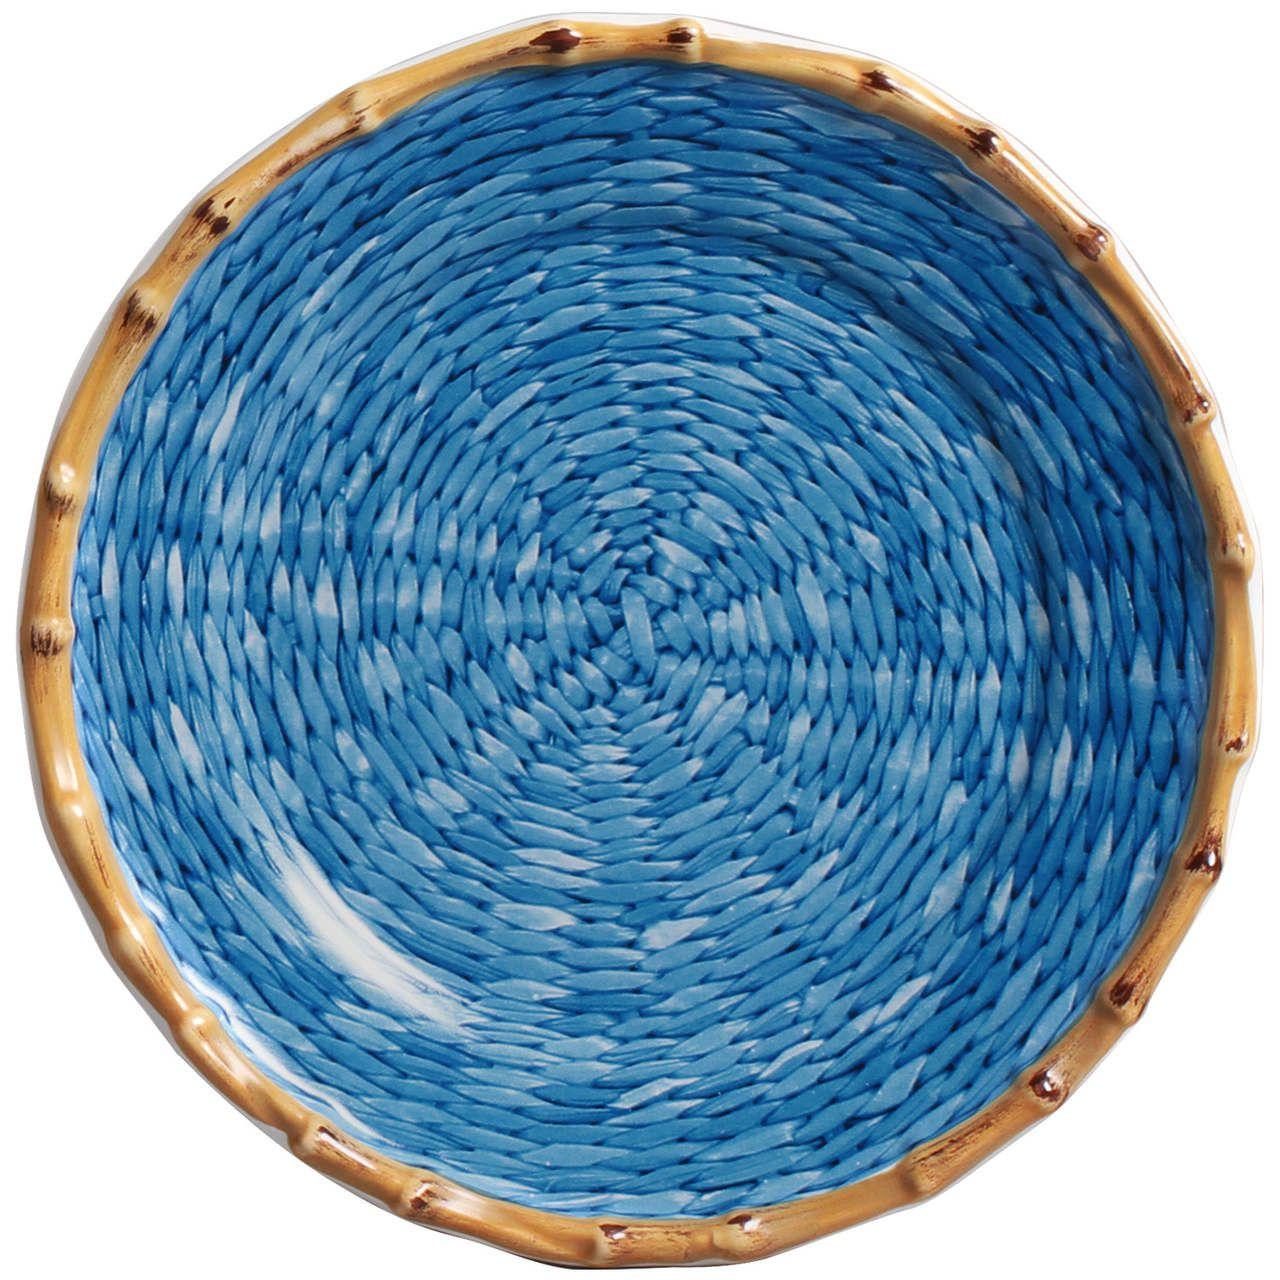 Prato Sobremesa Corda Fina Azul (06 Unidades) Cód.: 6216 - MB